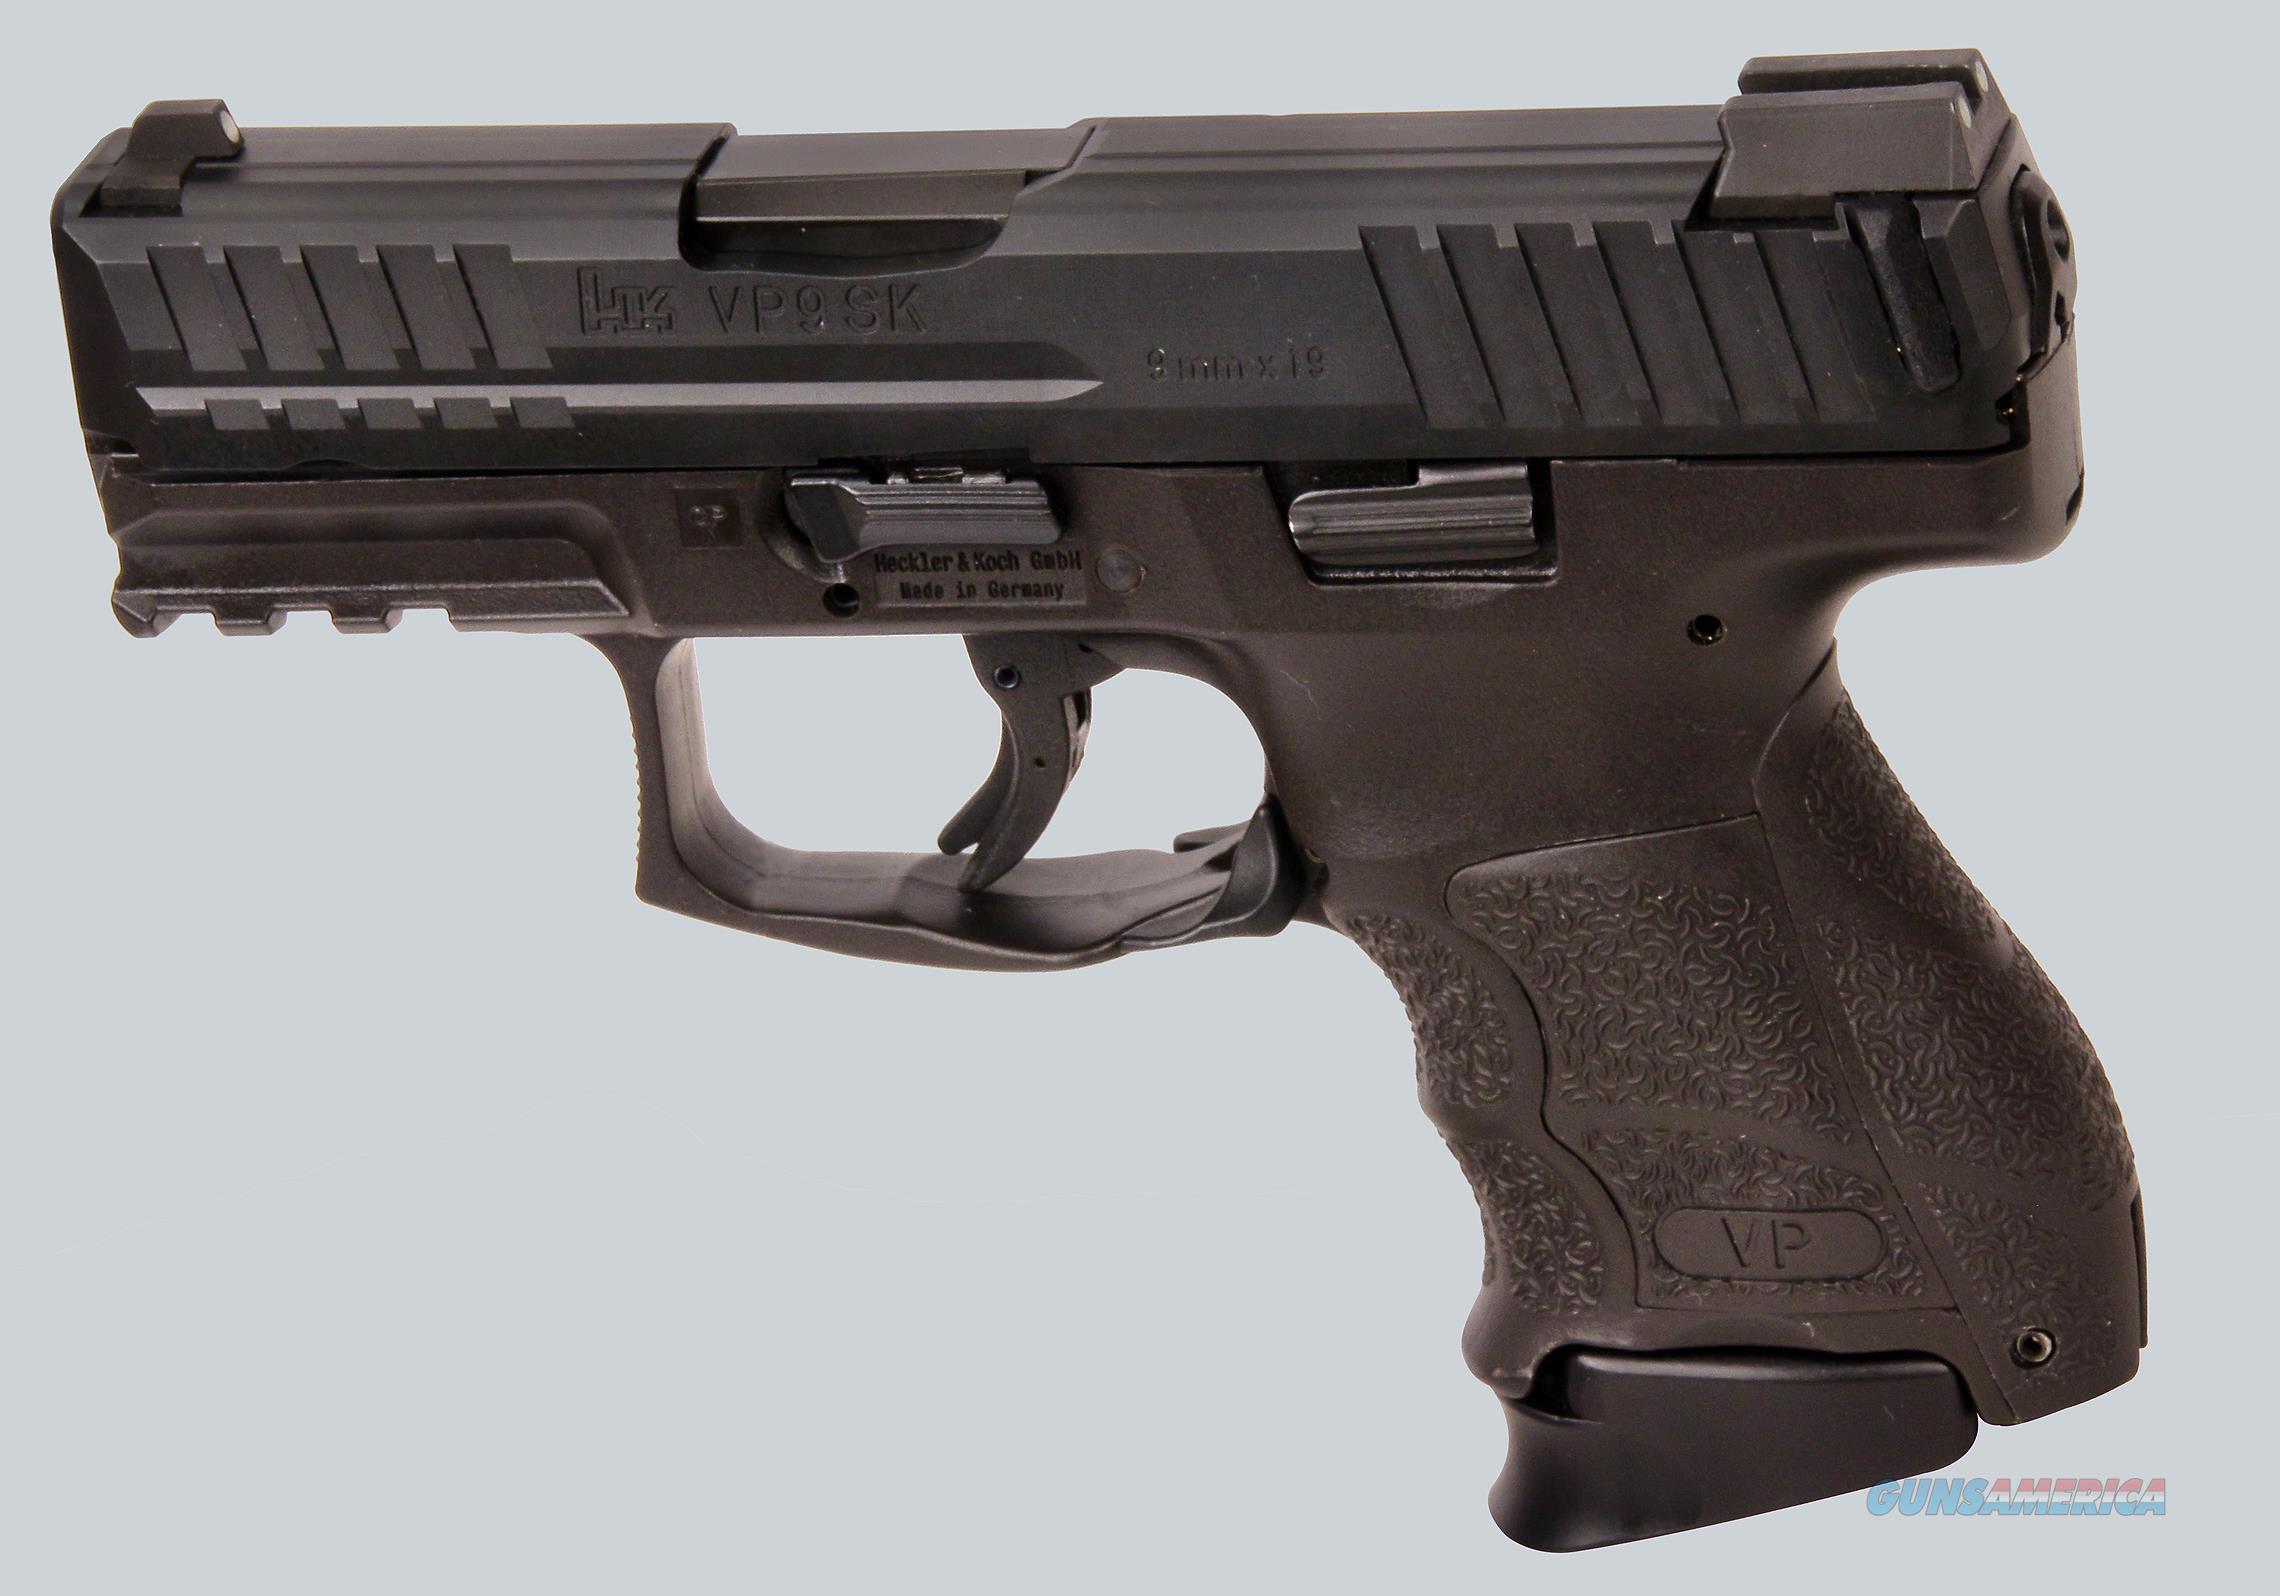 H&K 9mm Model VP9SK Pistol  Guns > Pistols > Heckler & Koch Pistols > Polymer Frame